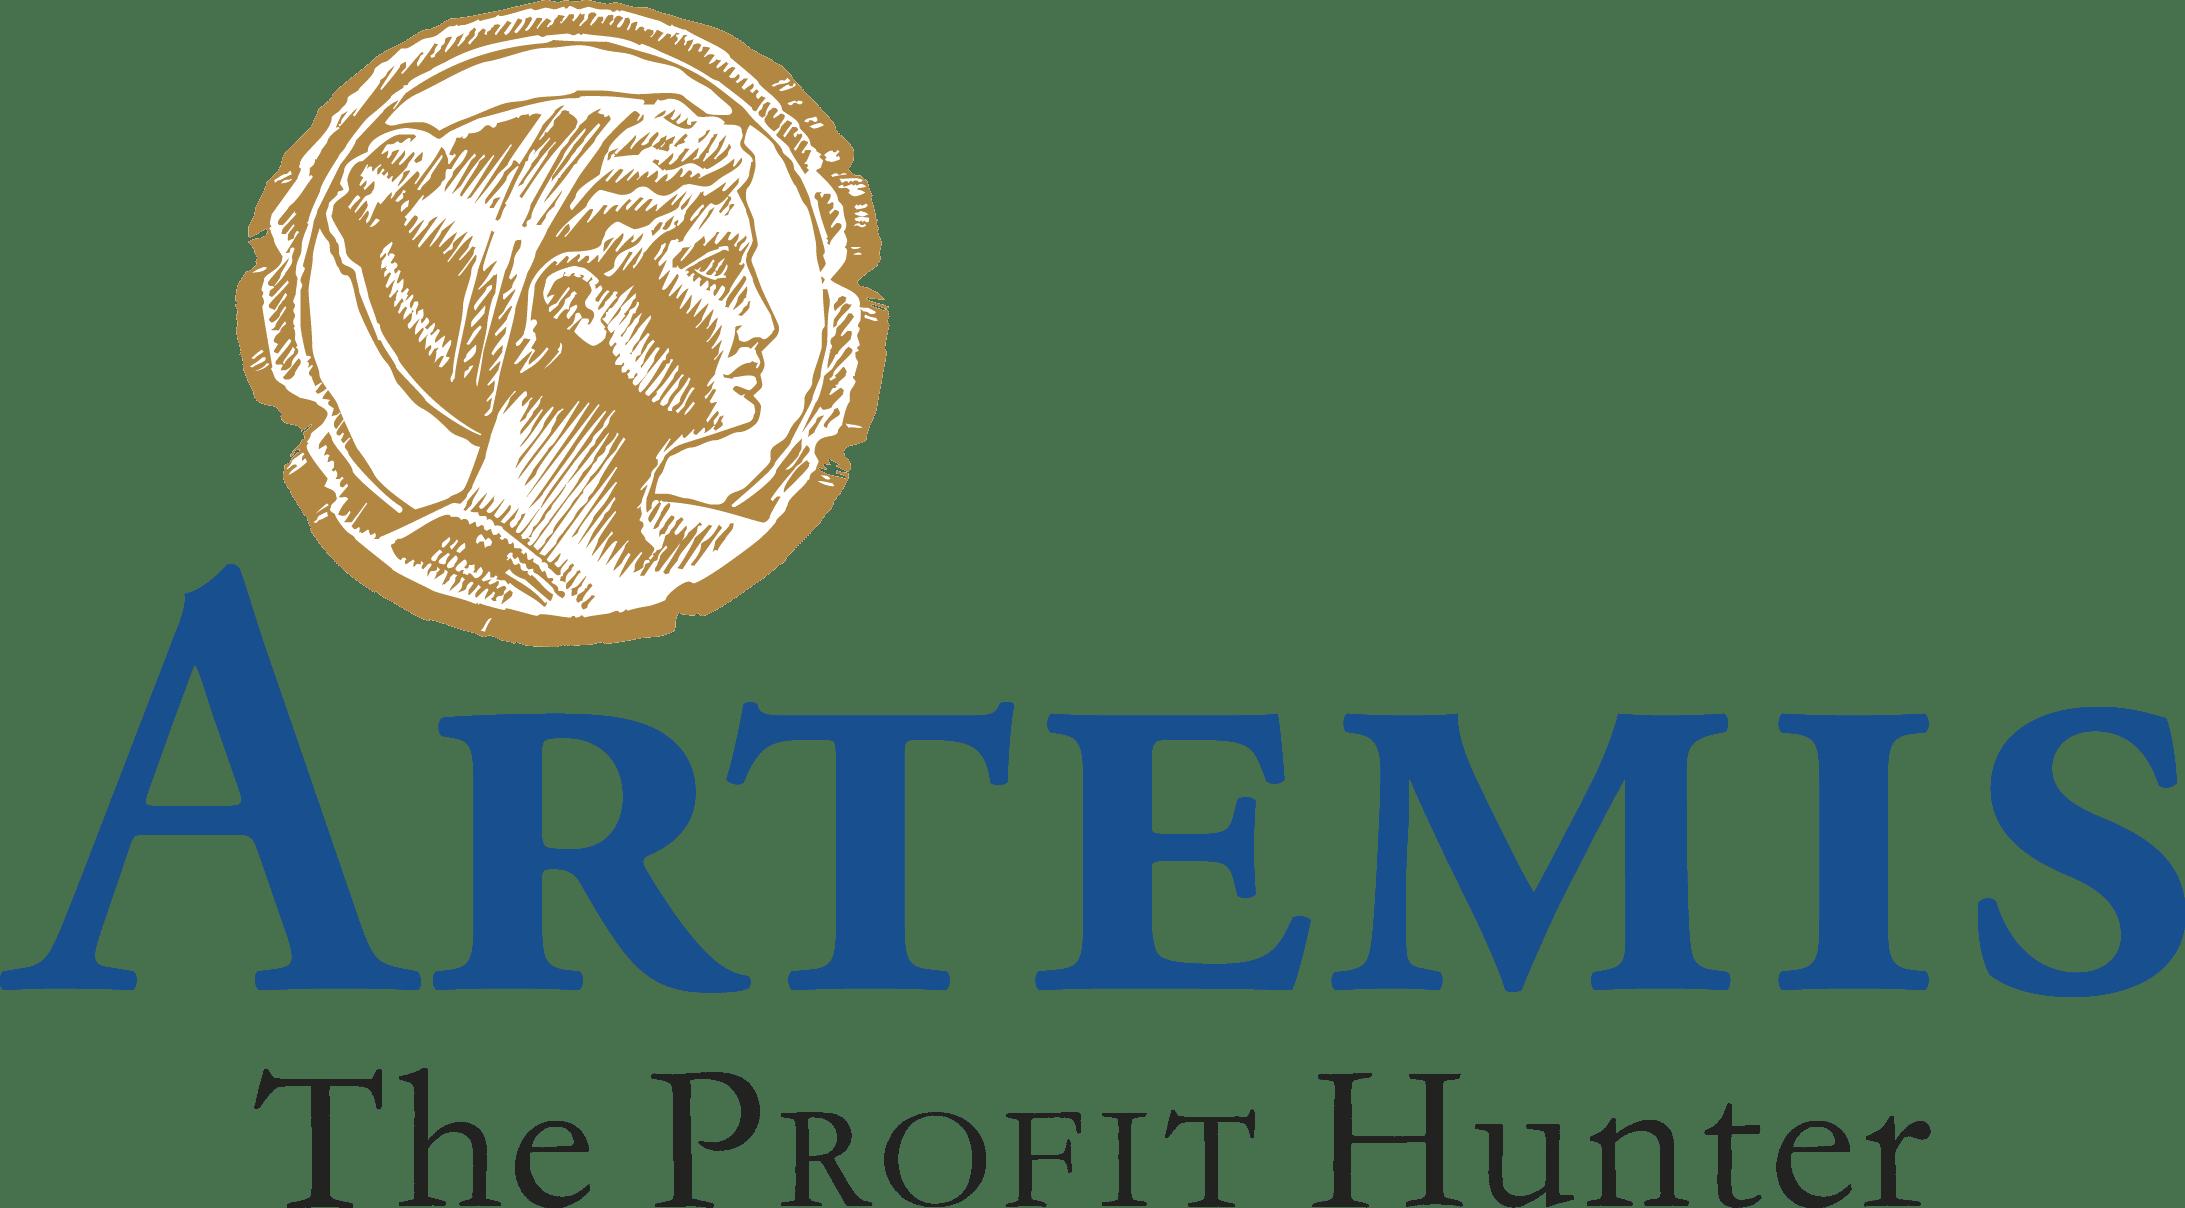 Artemis Fund Managers